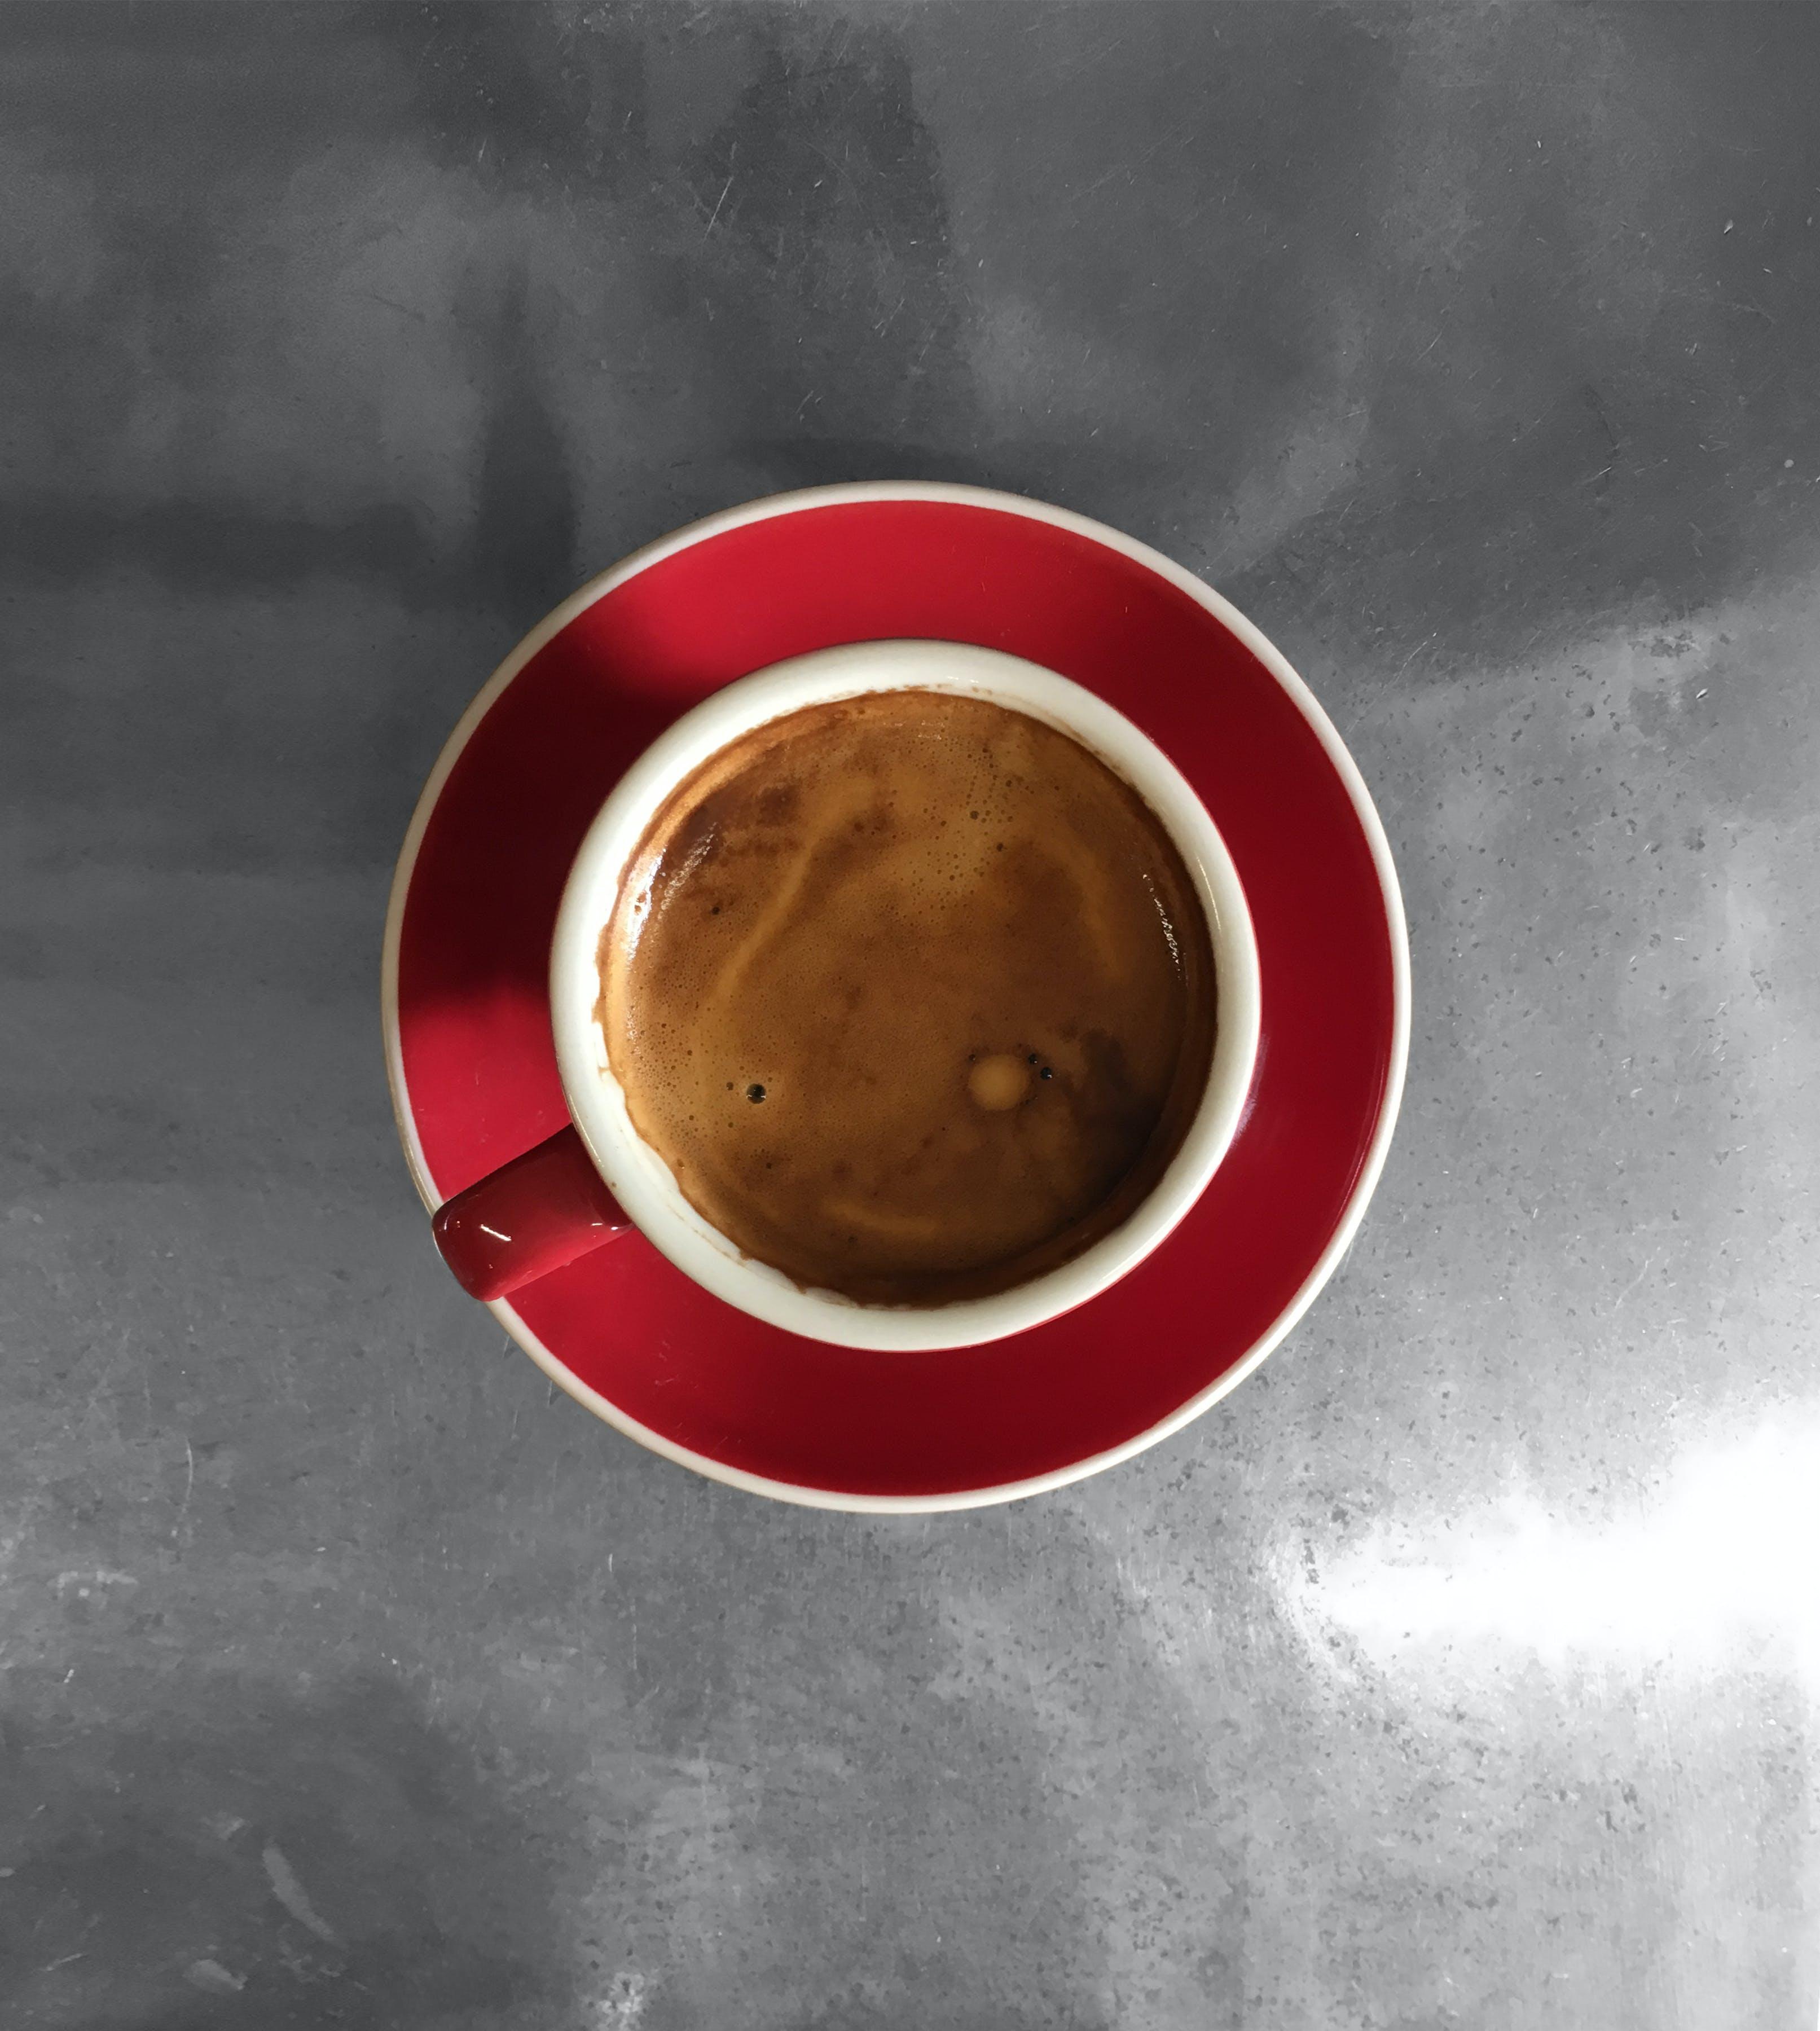 Gratis stockfoto met barista, barista koffie, café koffie, koffie